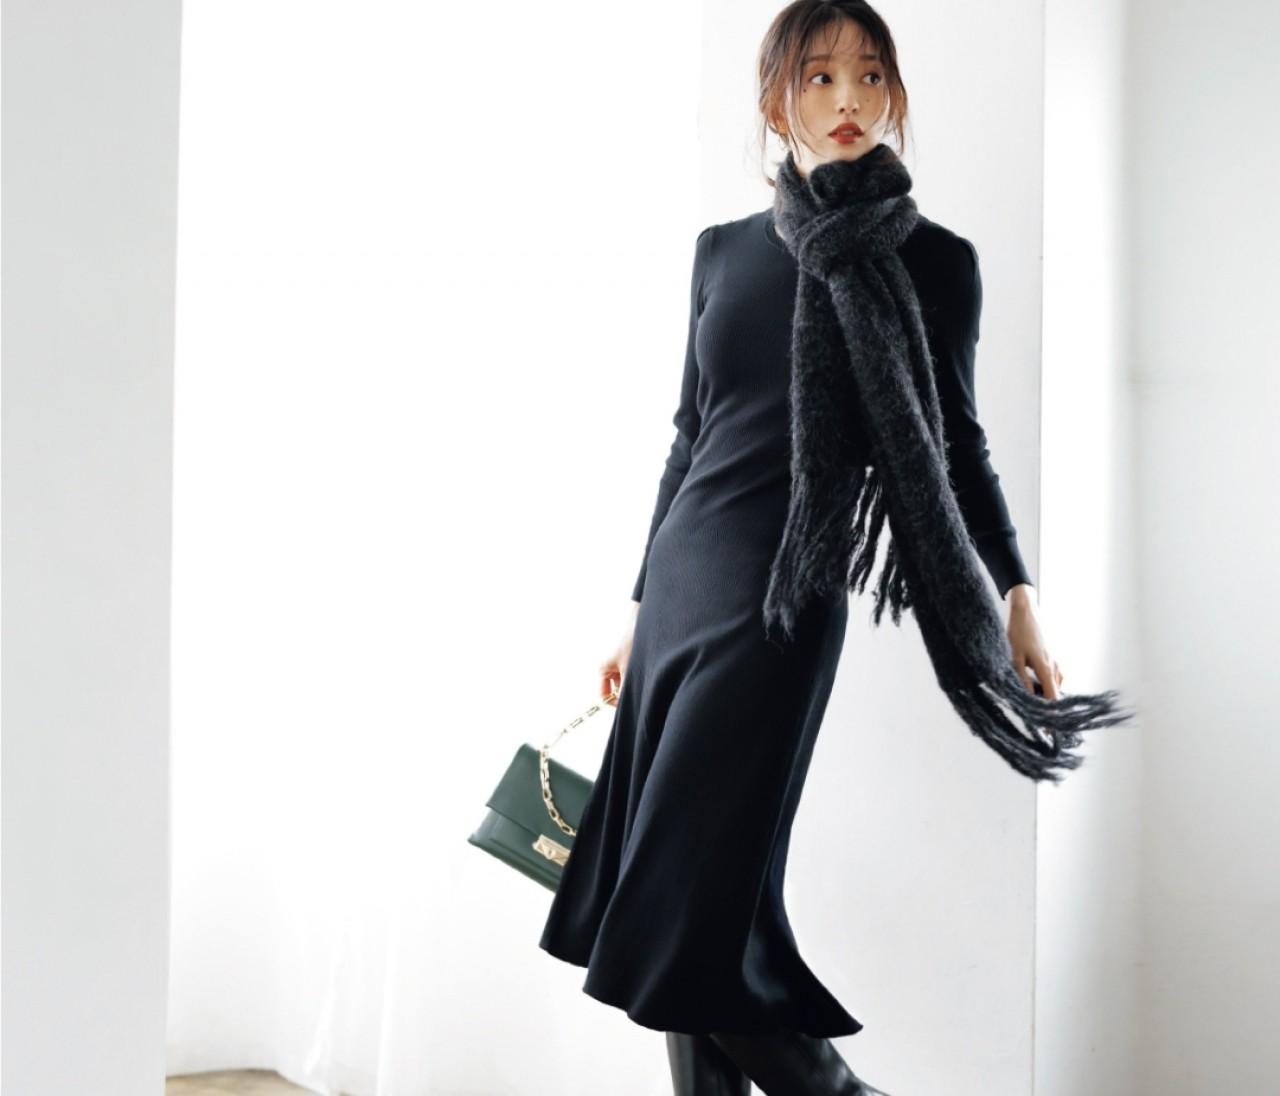 月曜日は、フィット&フレアのワンピとロングブーツの旬スタイル【30代今日のコーデ】